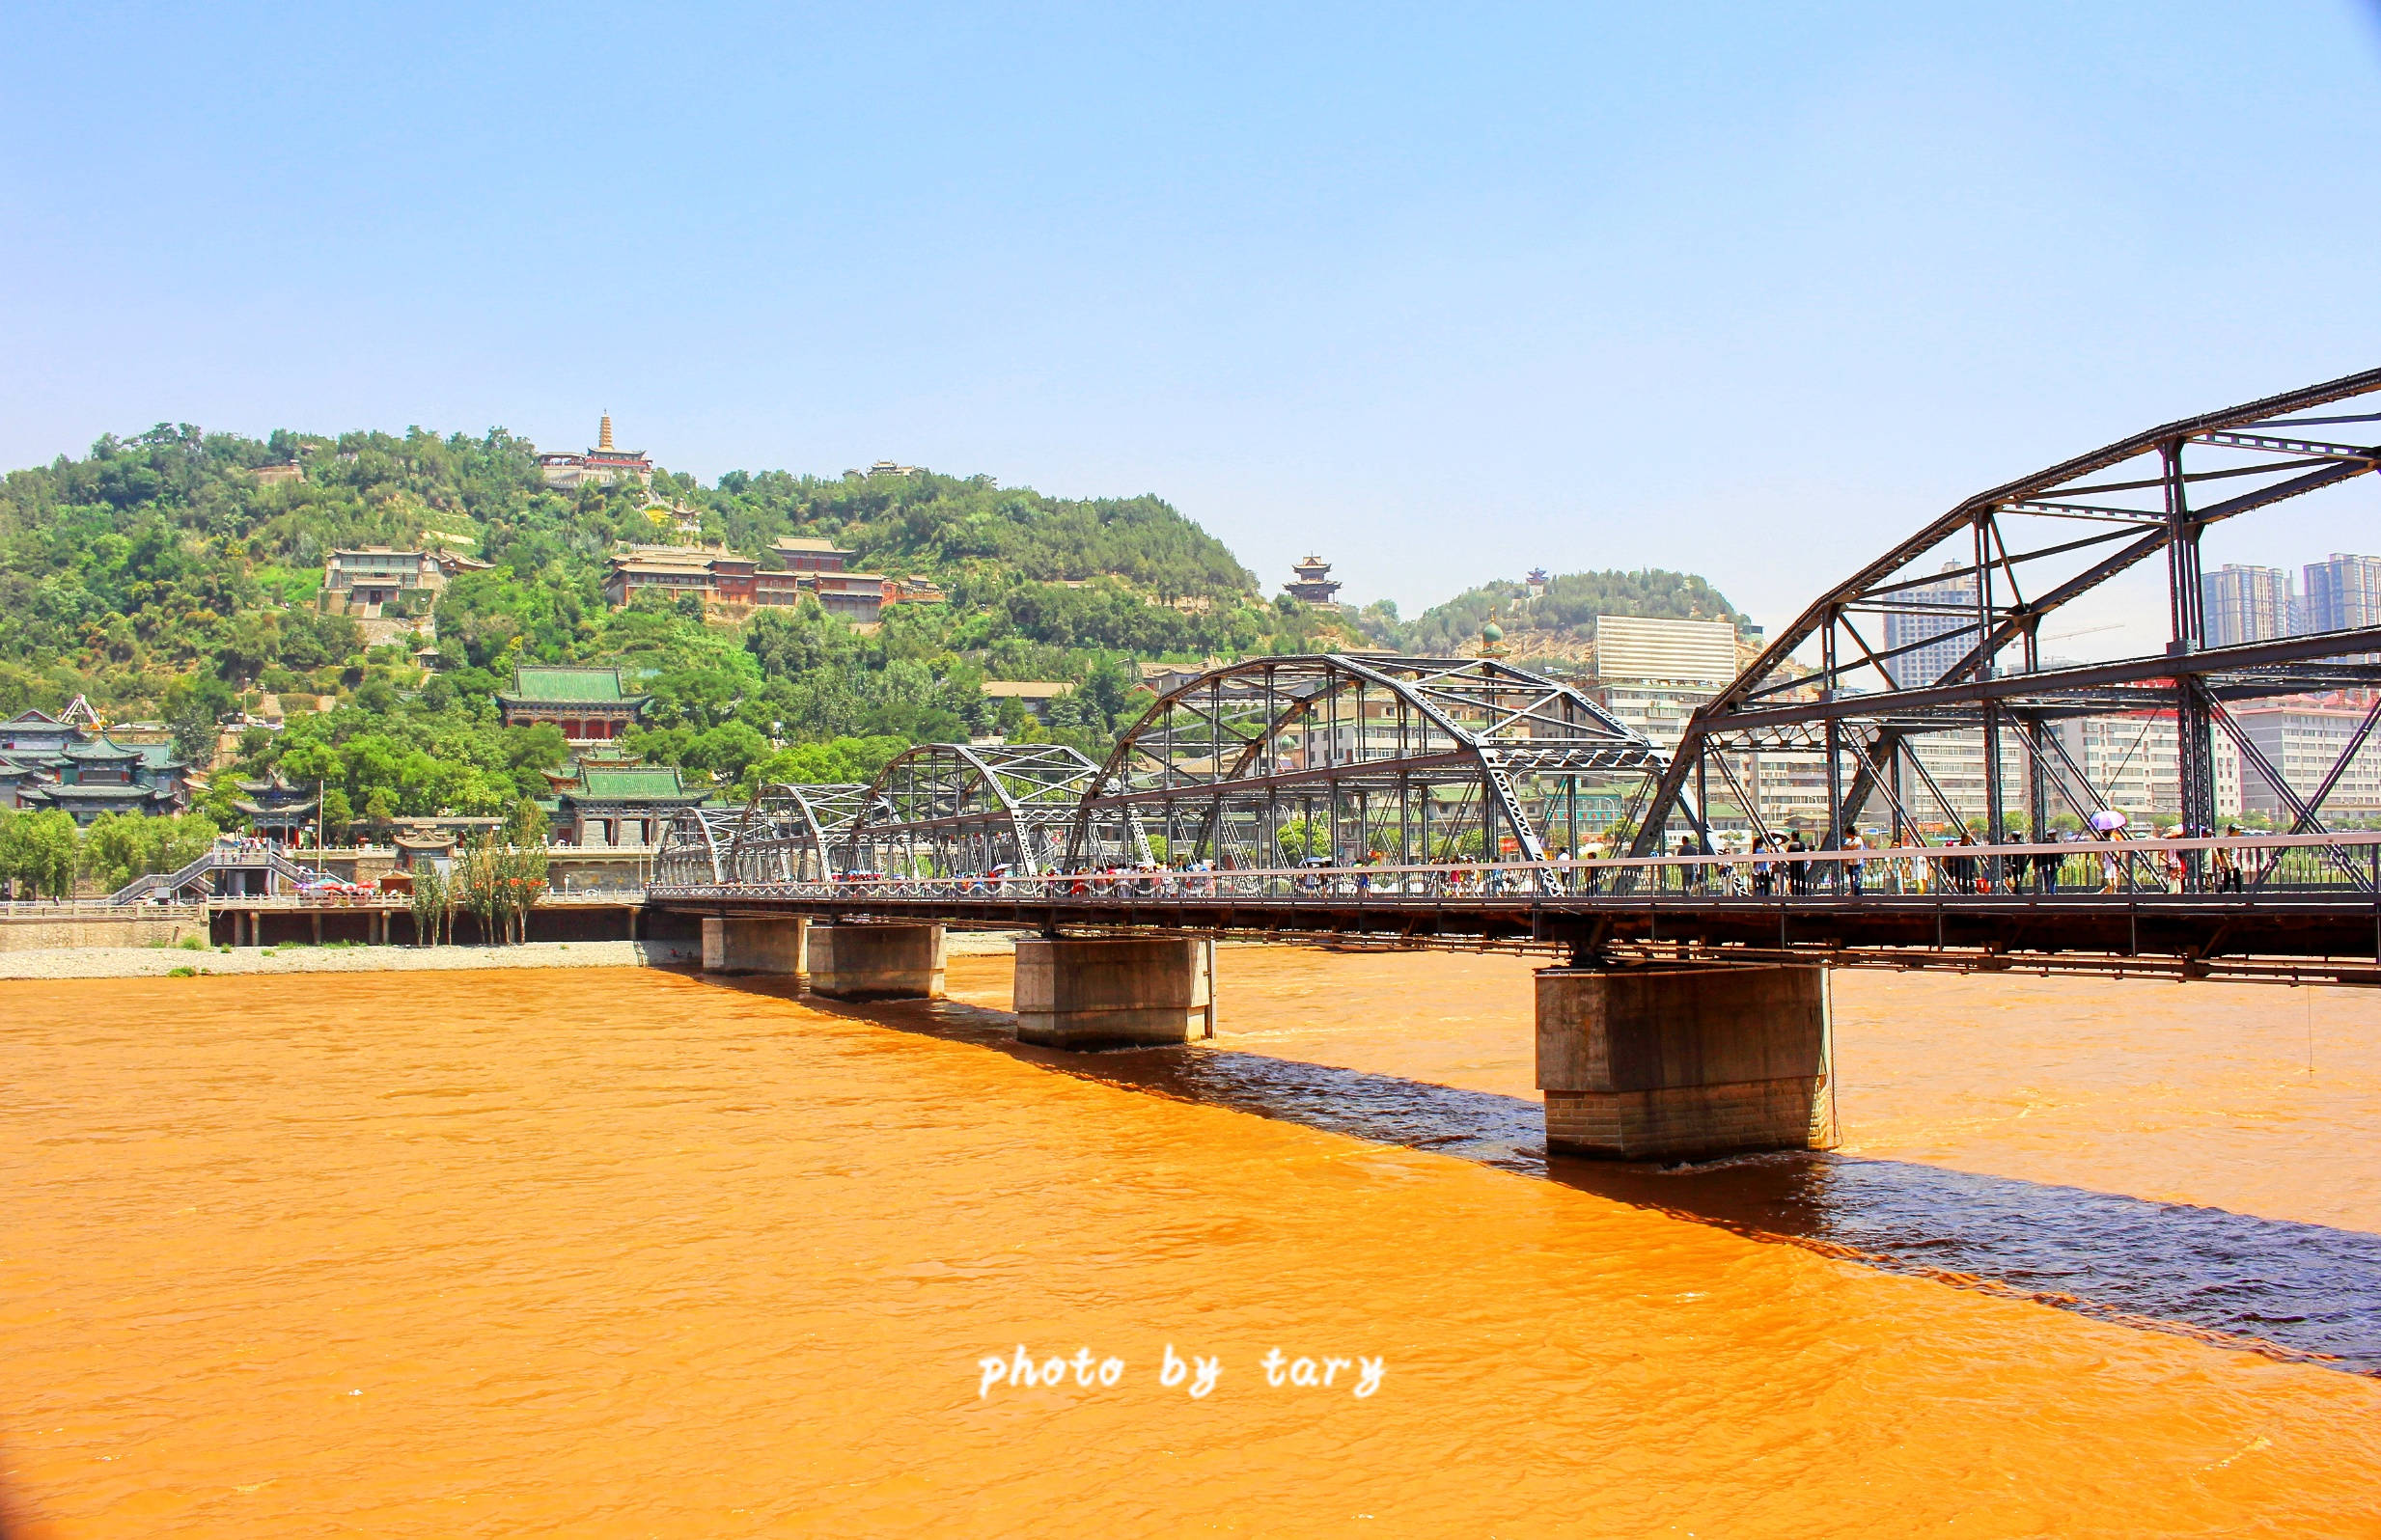 兰州黄河铁桥又叫中山桥,1942年为纪念孙中山先生而改名的,位于兰州